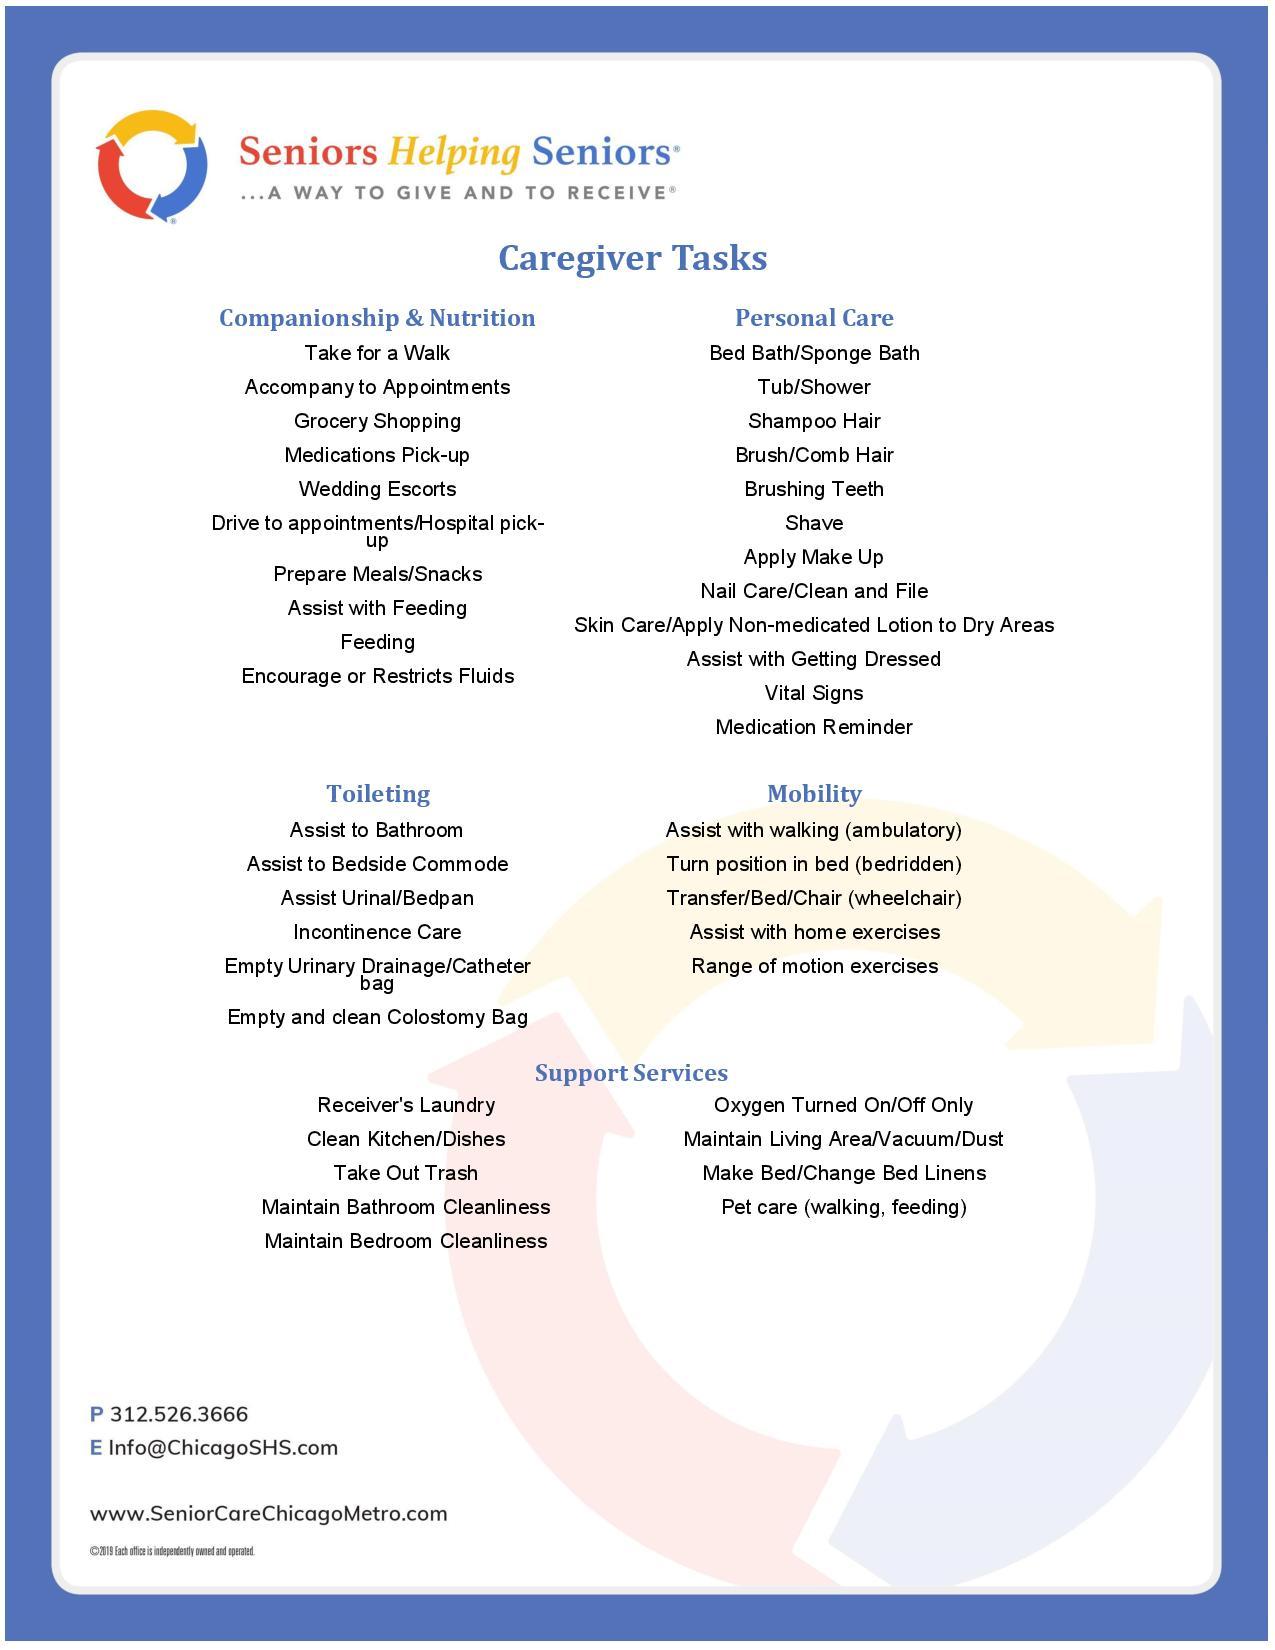 Caregiver Tasks